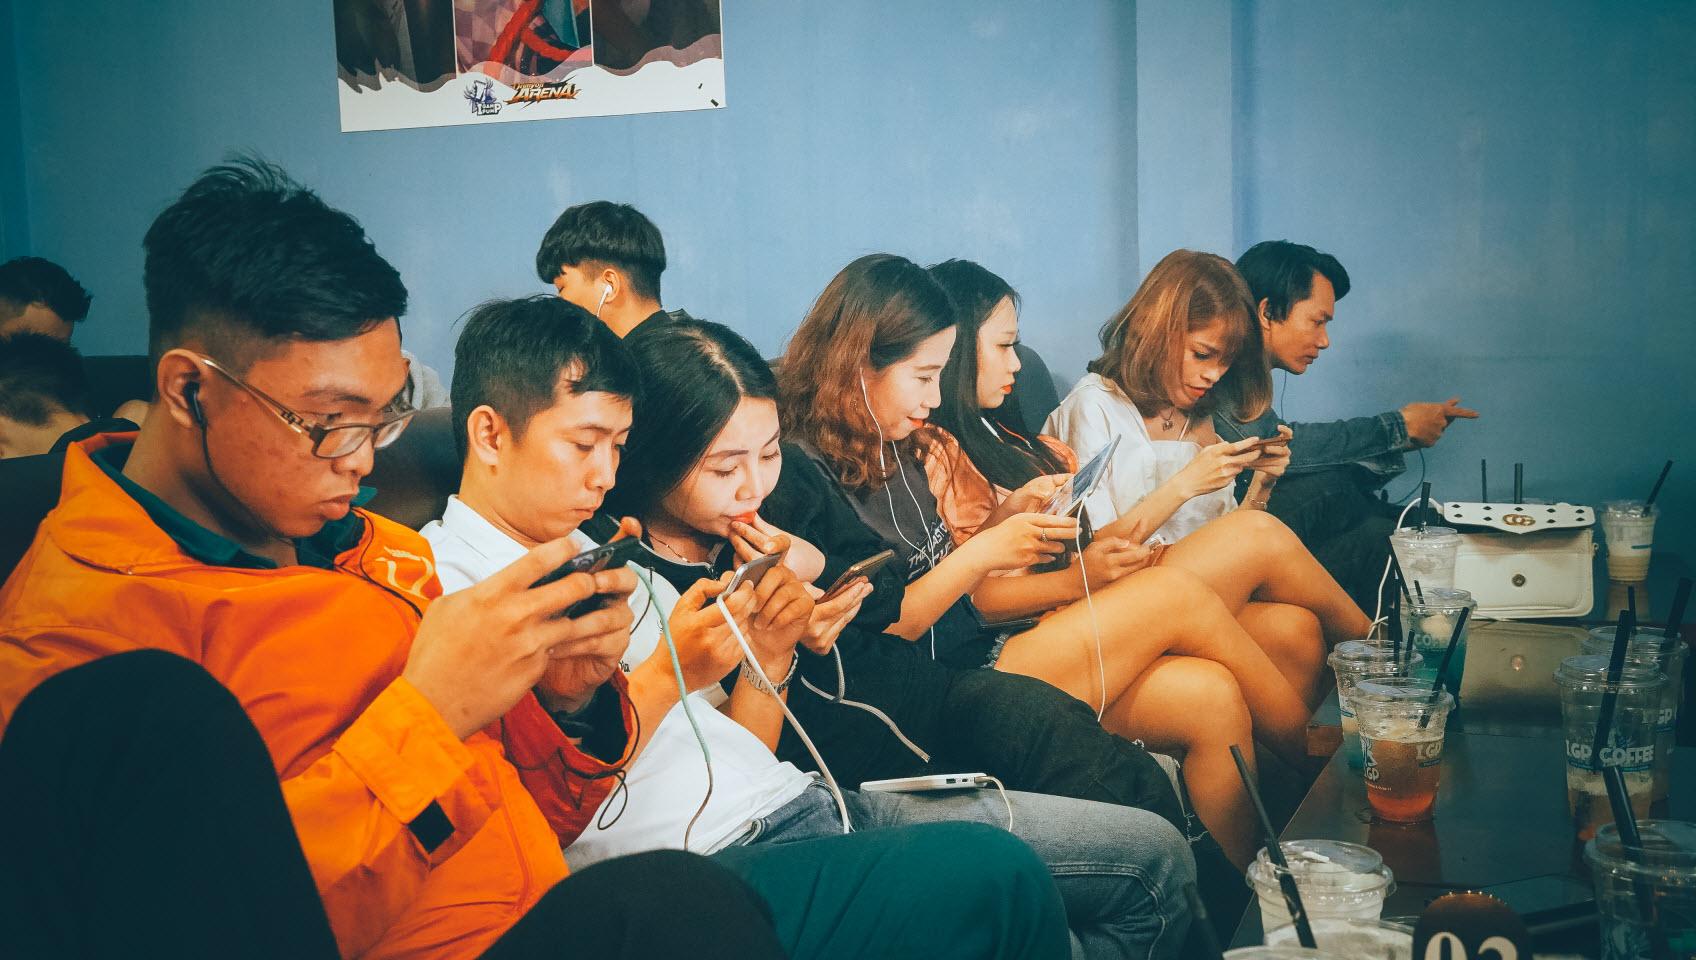 Cộng đồng Rules of Survival tổ chức offline mừng sinh nhật tại Hồ Chí Minh 12